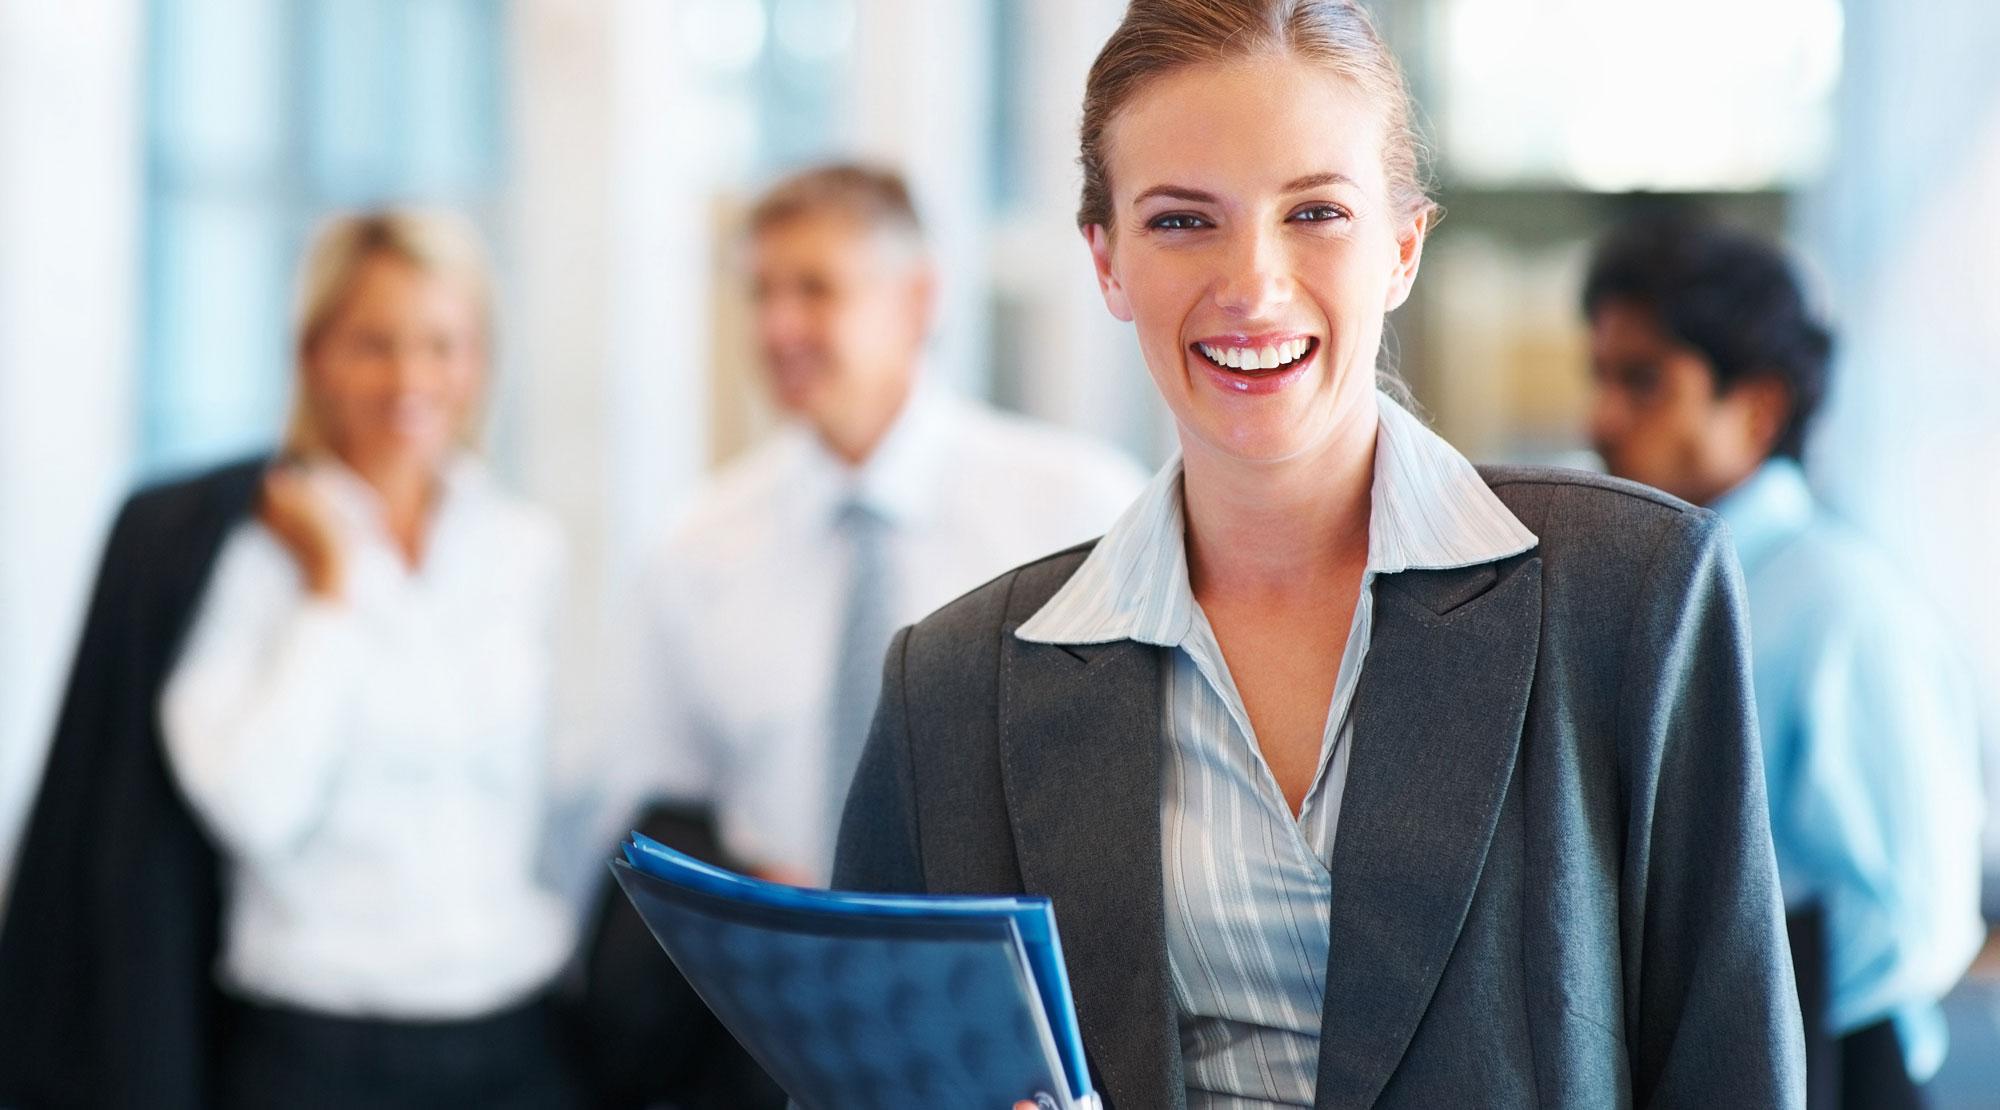 Trabajar 1 Curso de preparación para trabajar en el extranjero